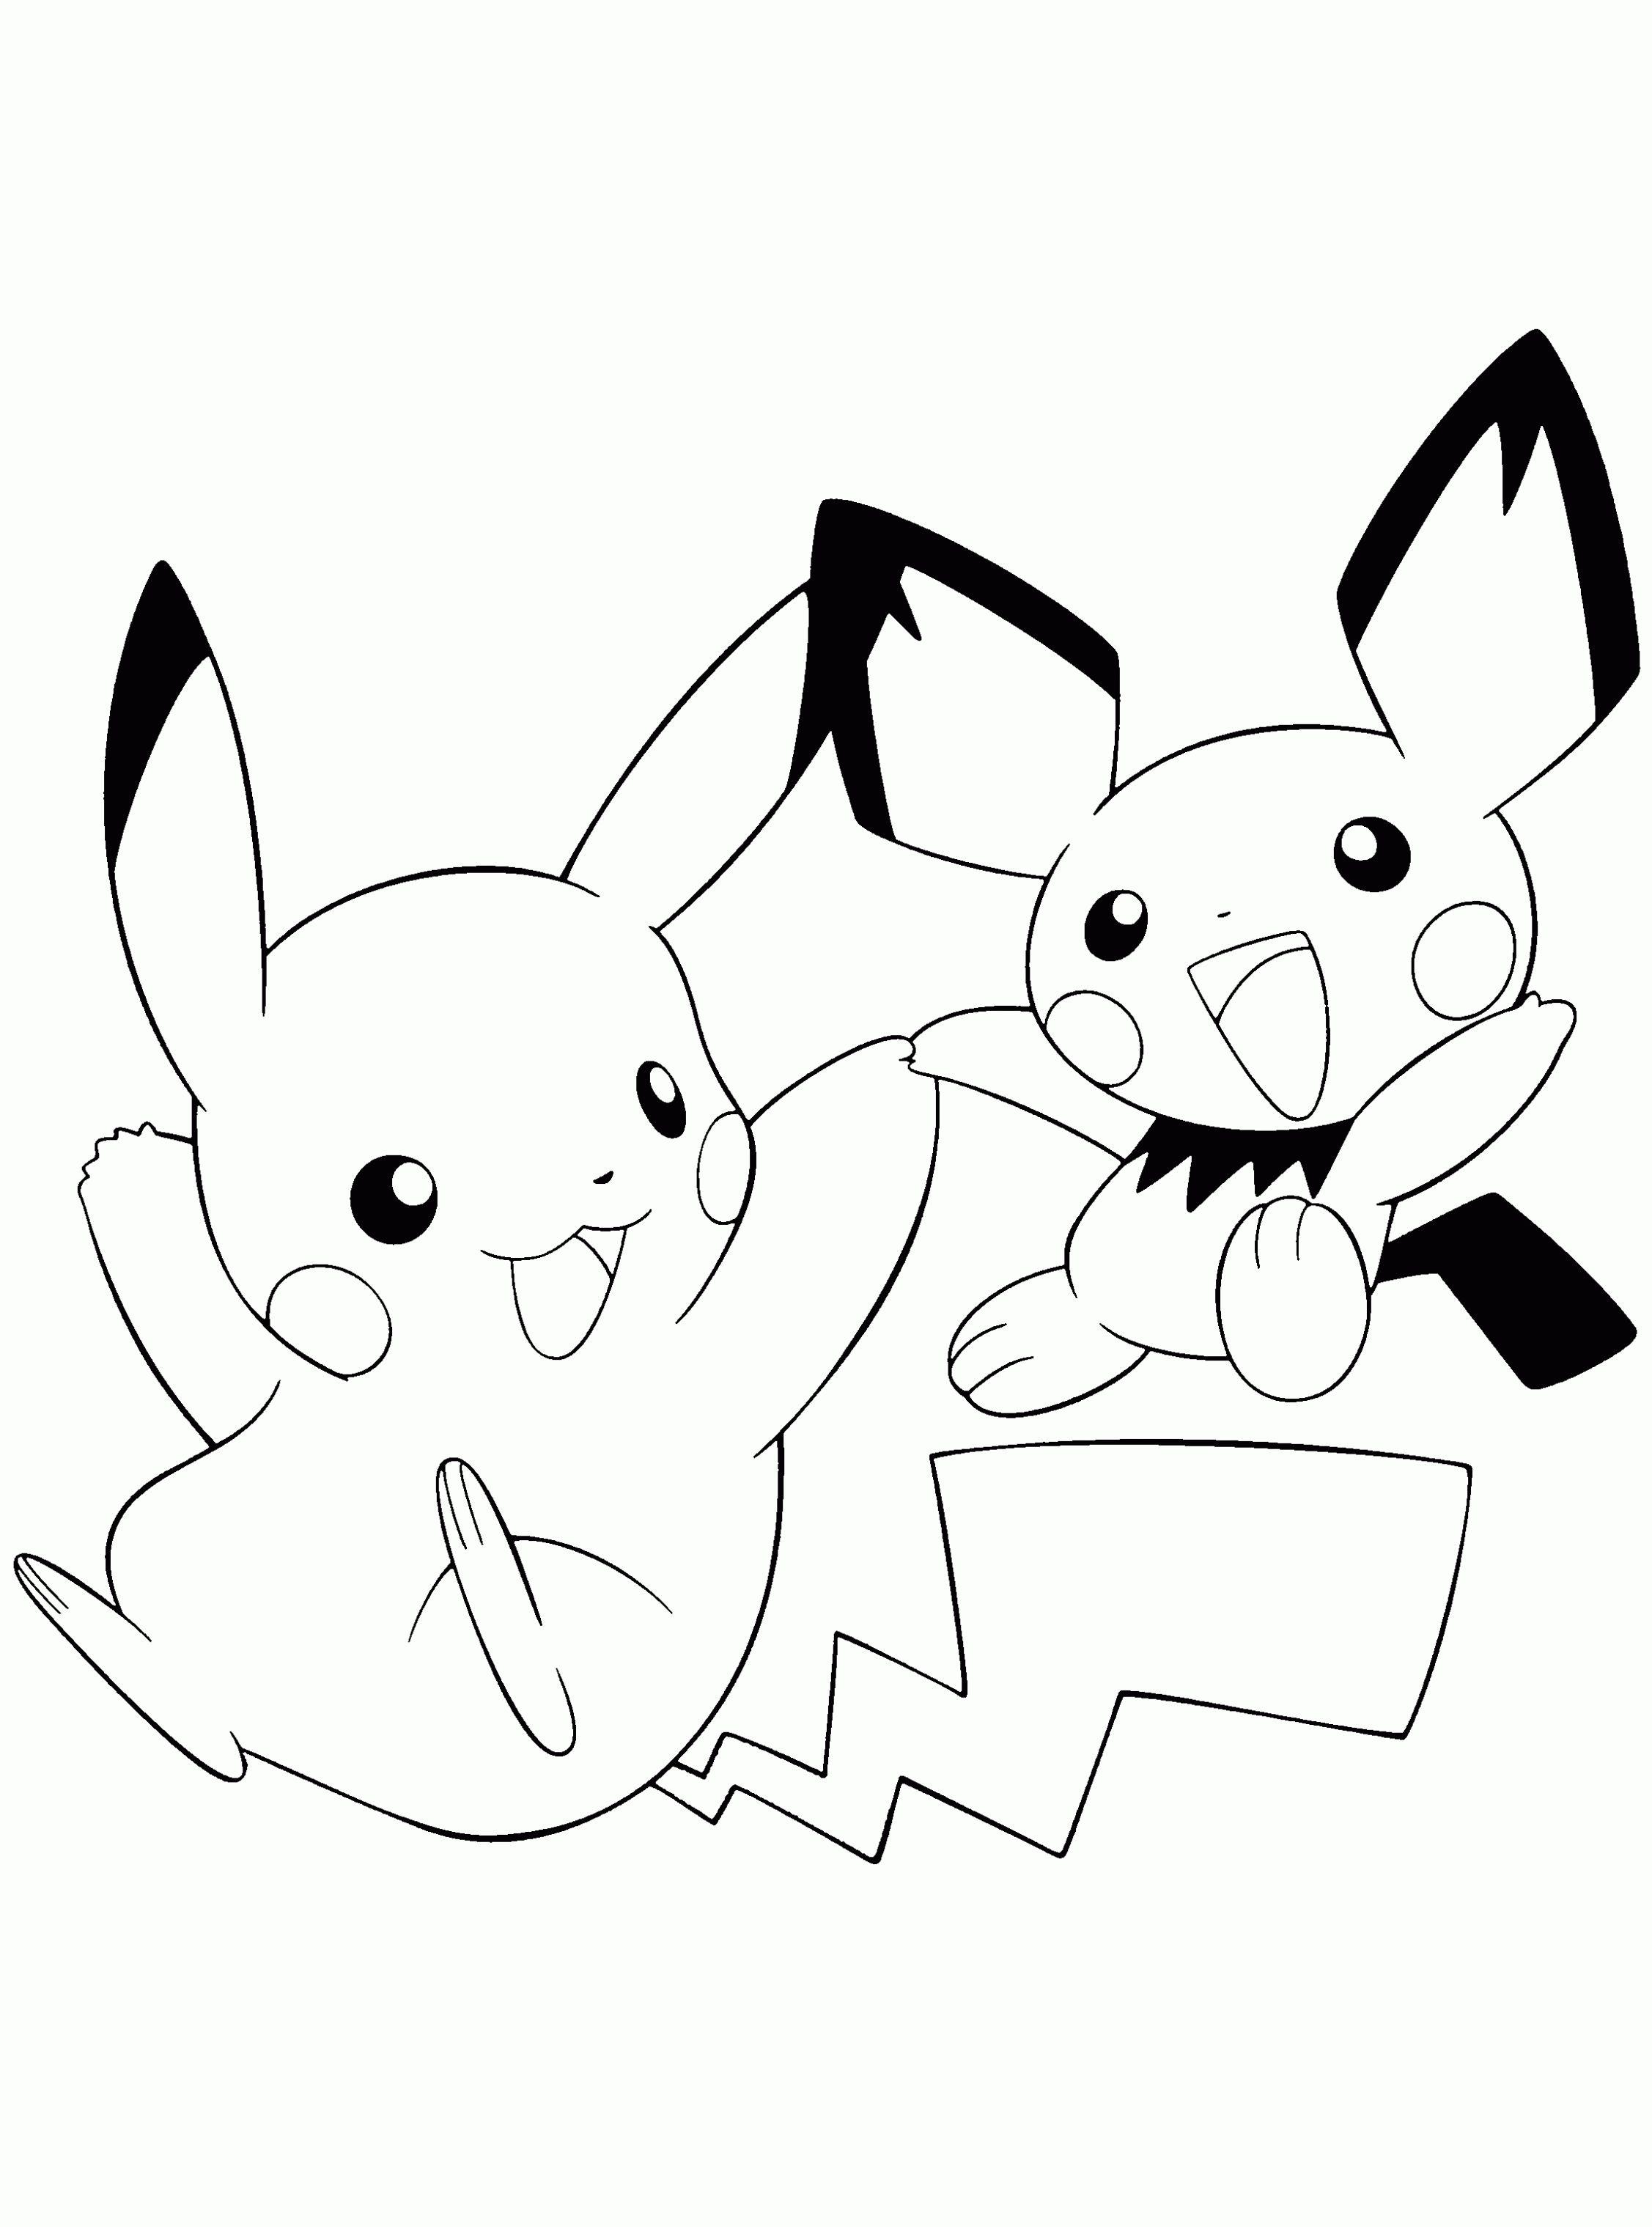 ▷ Dibujos para colorear de Pokemon, pintar e imprimir